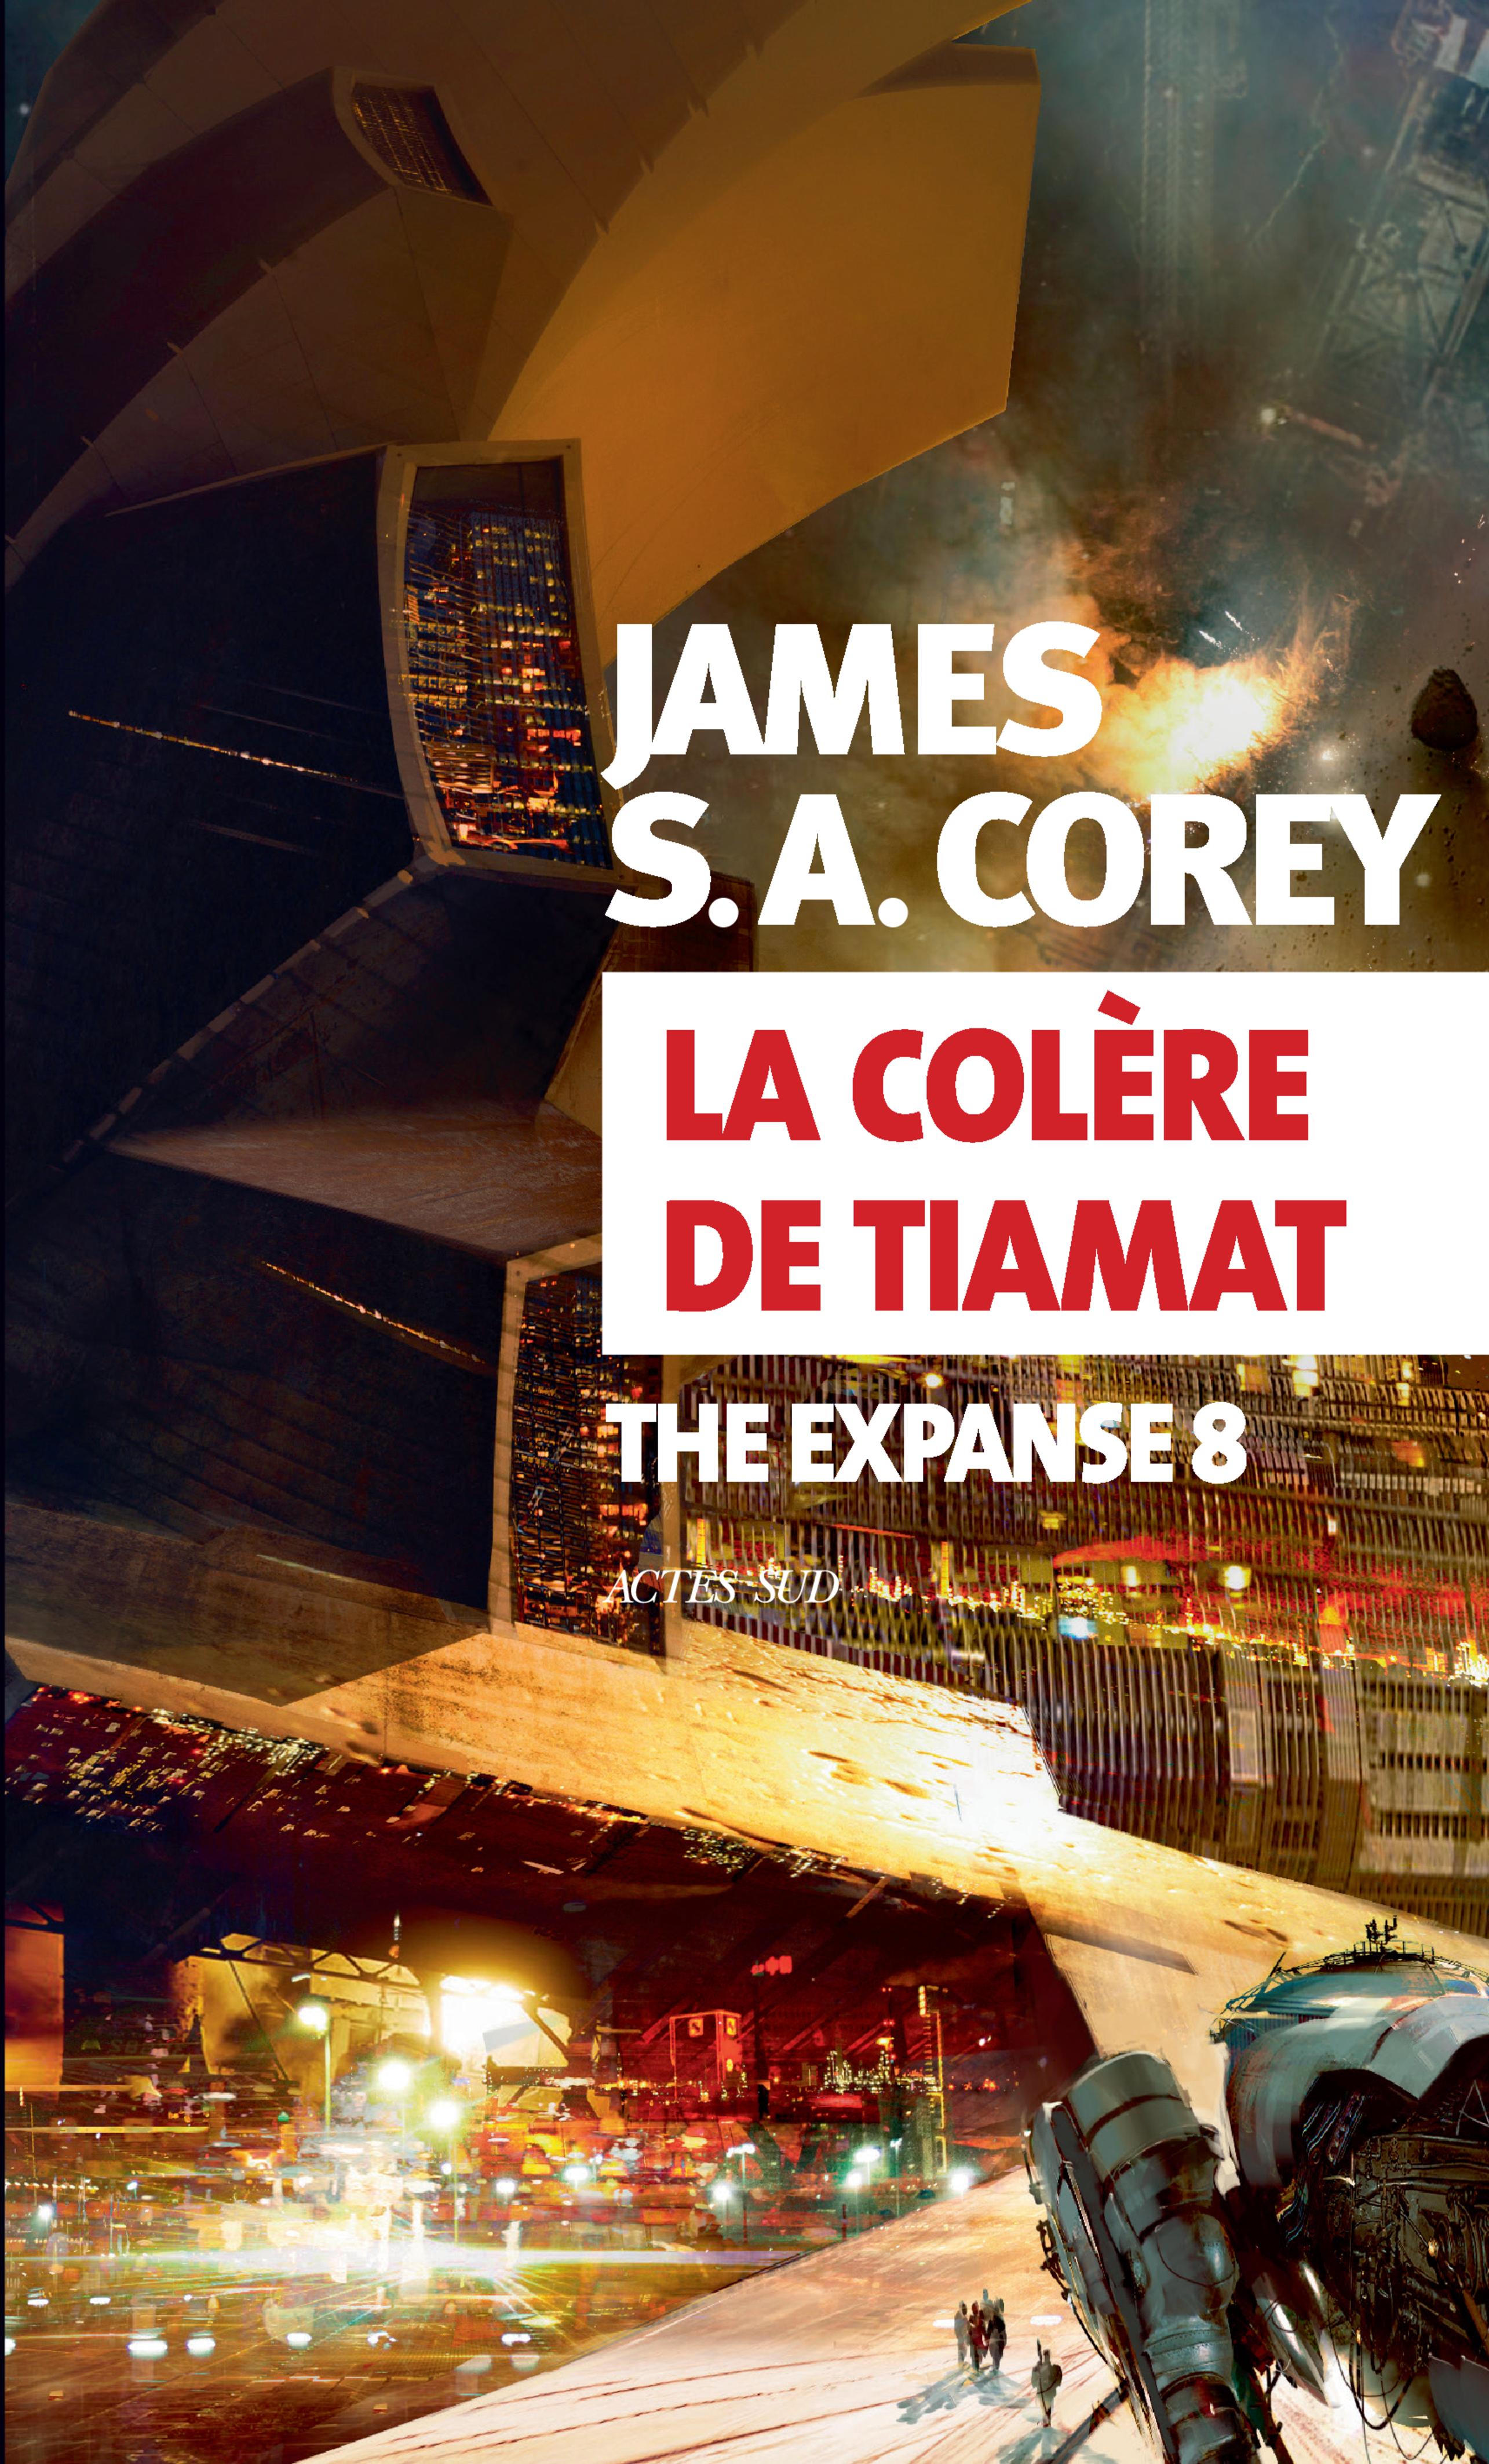 LA COLERE DE TIAMAT - THE EXPANSE 8